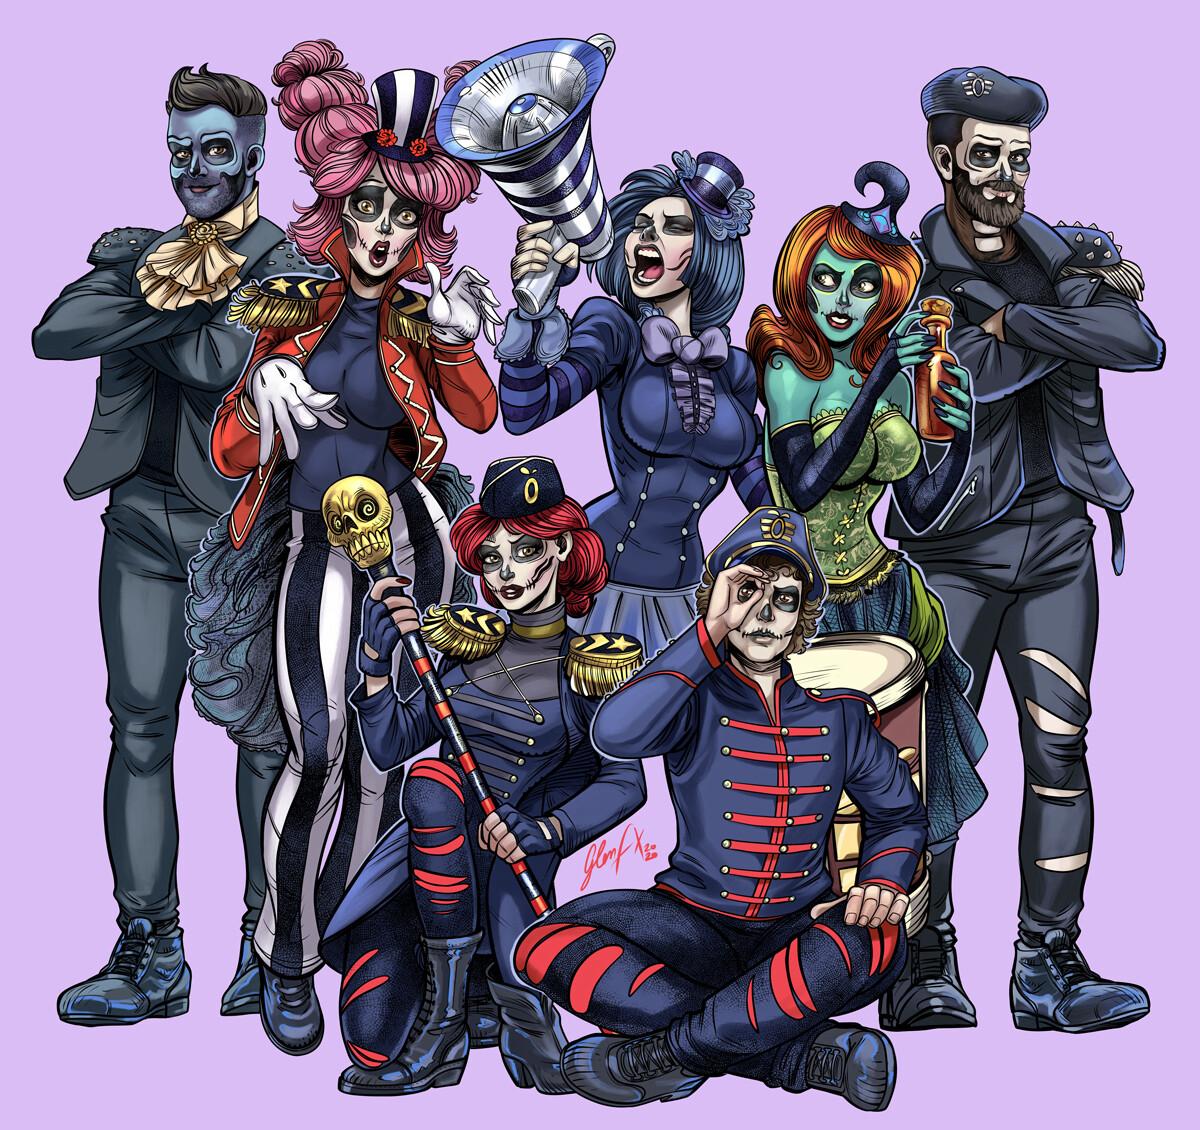 Full Group version.